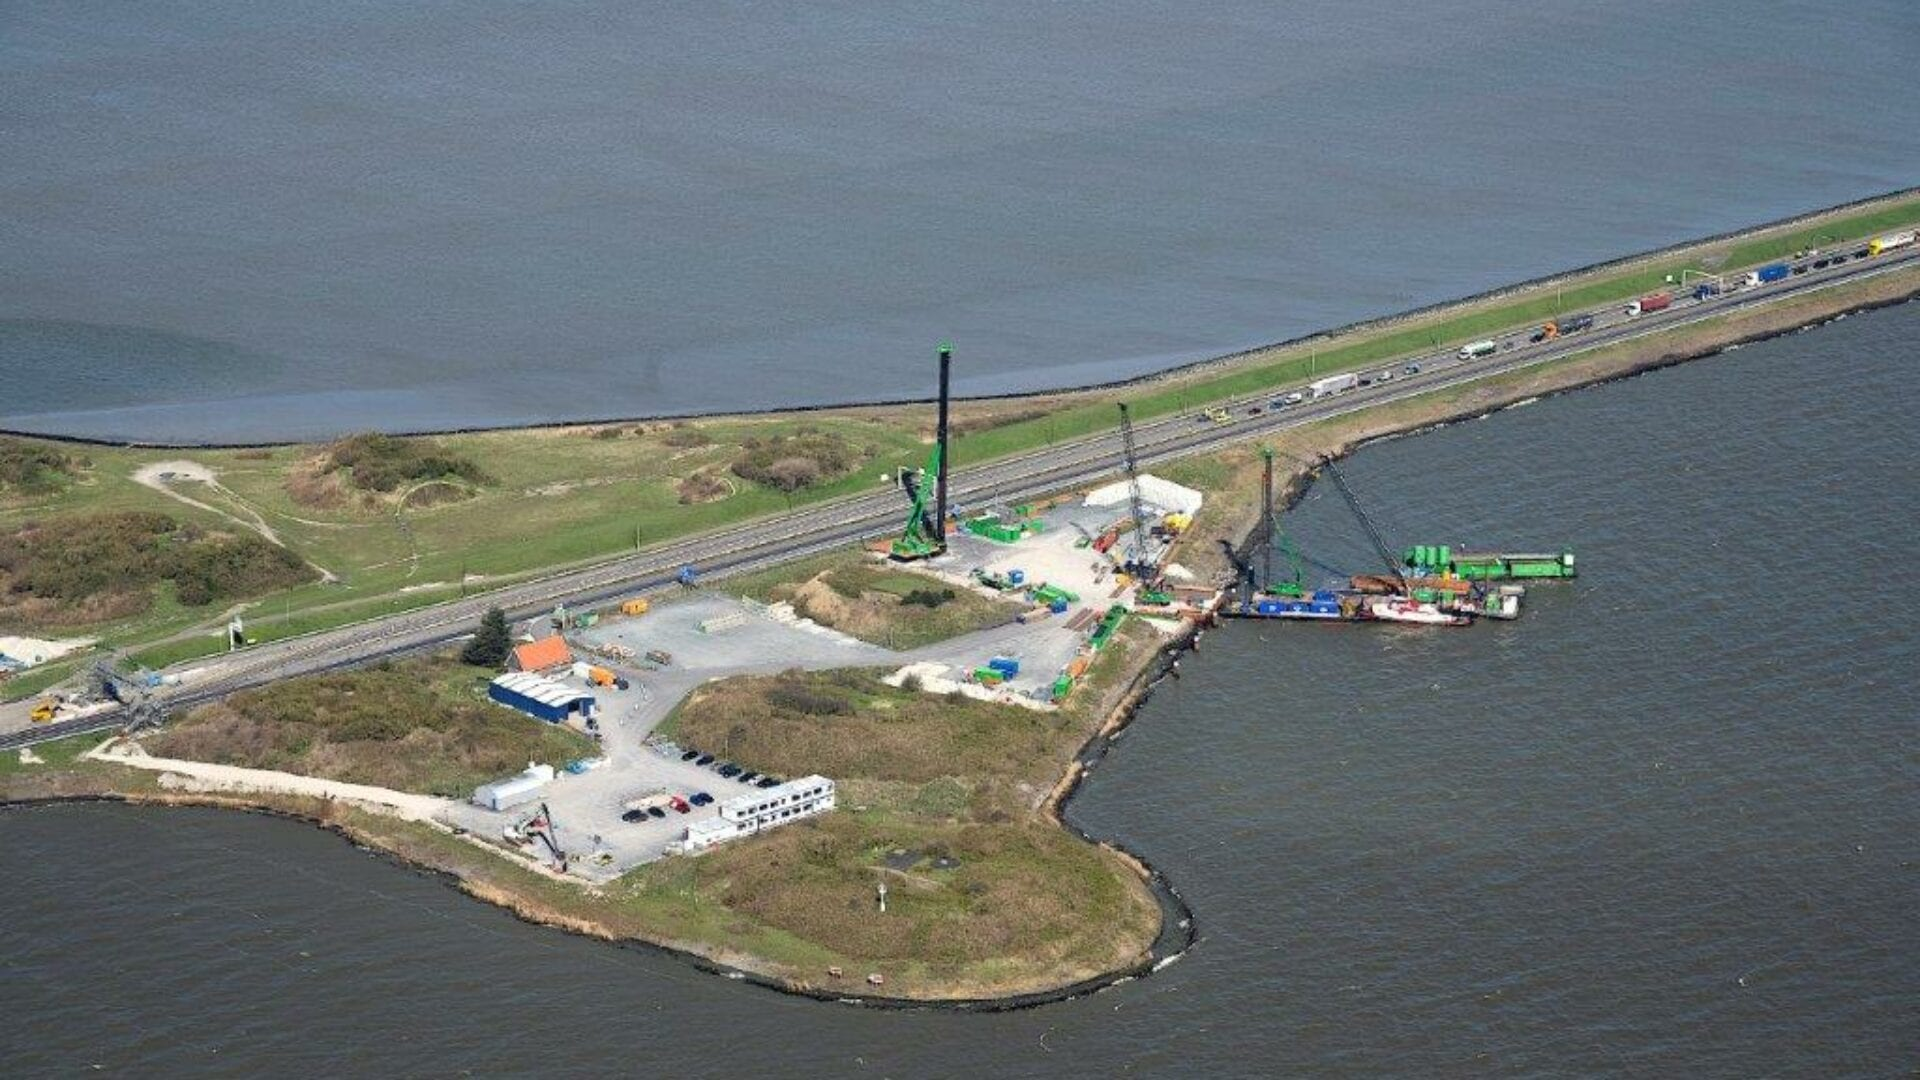 Luchtfoto van de Afsluitdijk. Wij kijken van boven op het graslandschap bij de Afsluitdijk. In het midden loopt de weg en daaromheen twee wateren van het IJsselmeer en de Waddenzee. In het graslandschap ligt een klein bouwterrein. Je ziet een blauw gebouw van Blue Energy en een groene heipaal met een aanliggende boot in het water.